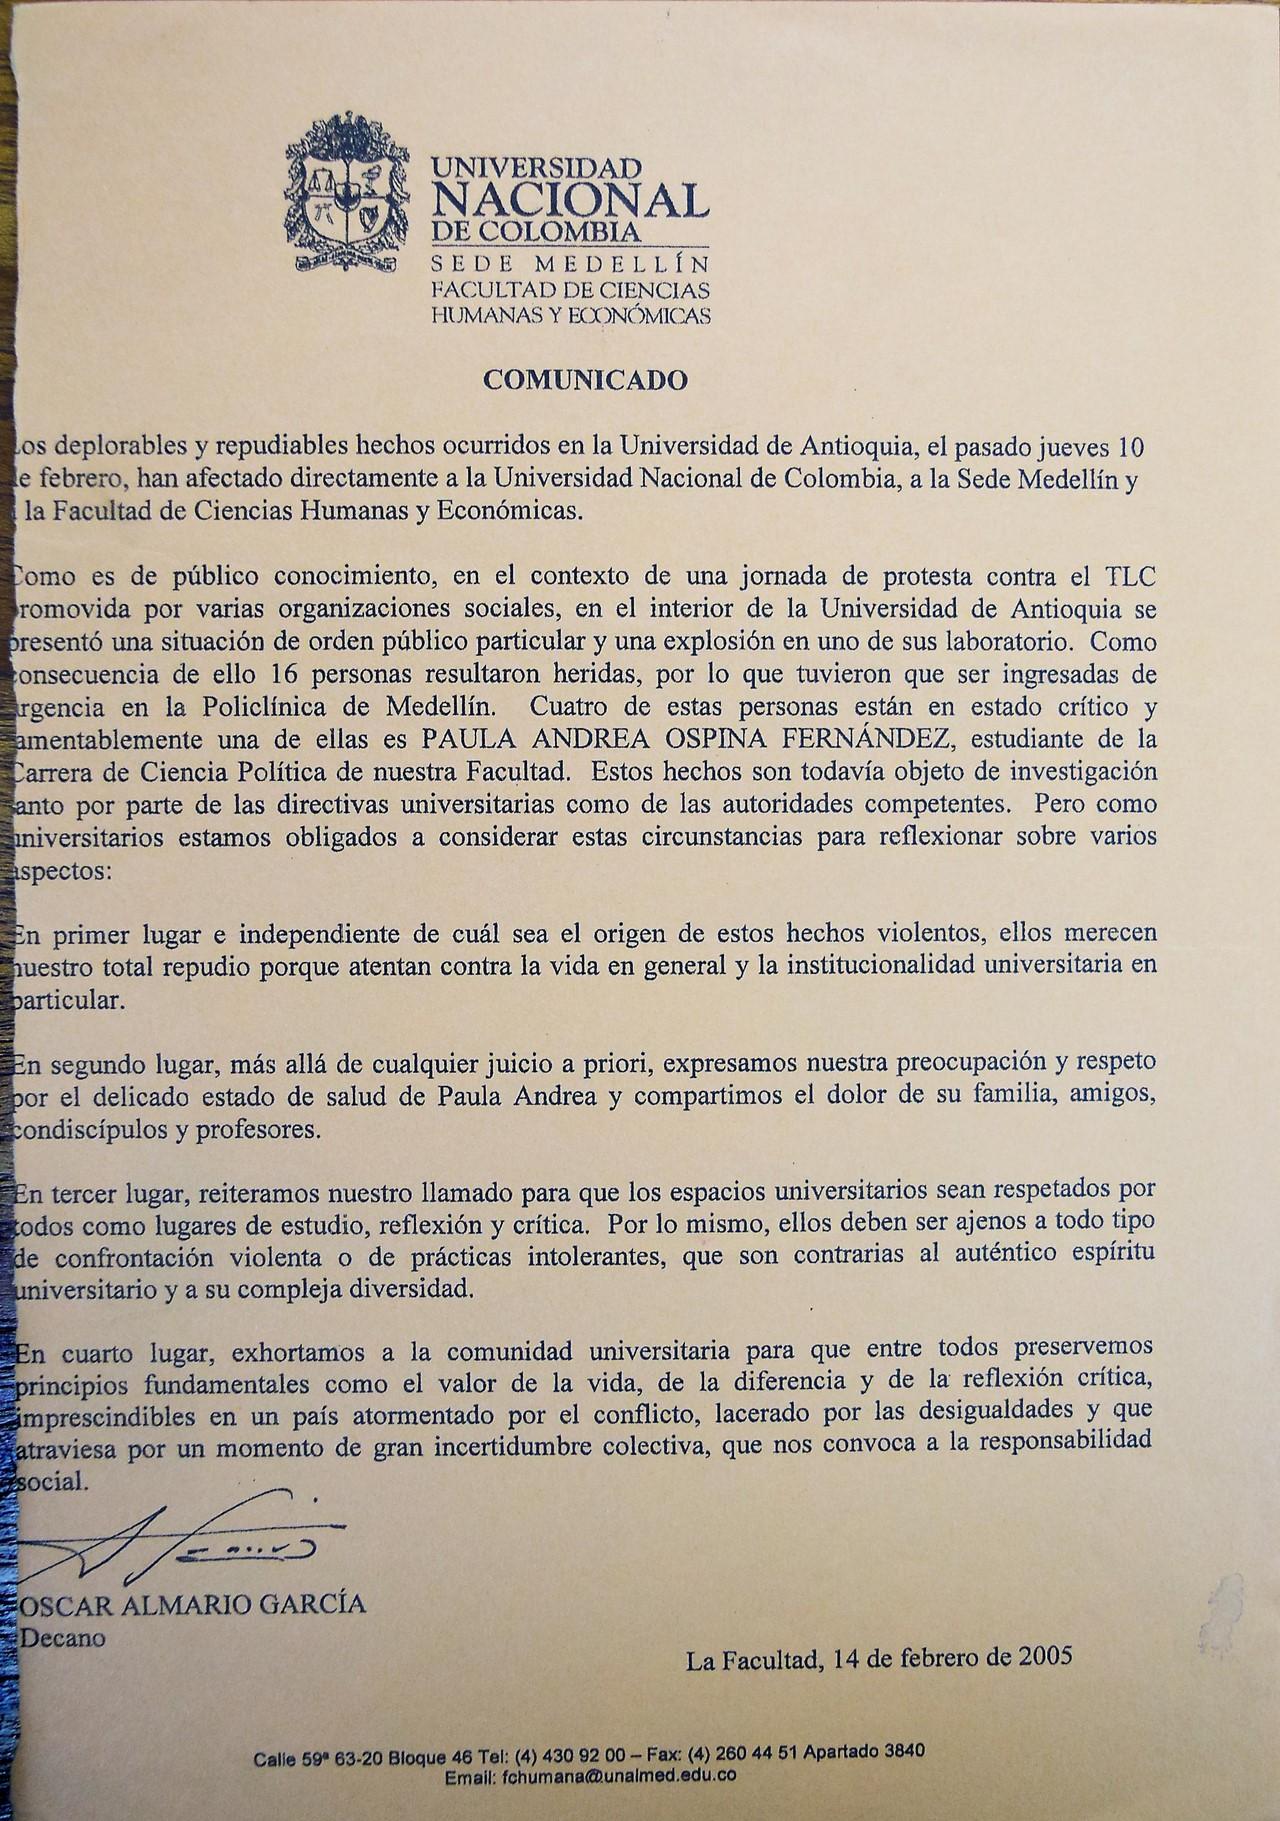 Imágenes vía Archivo de la Oficina Estudiantil de la Universidad Nacional sede Medellín y Julio Londoño